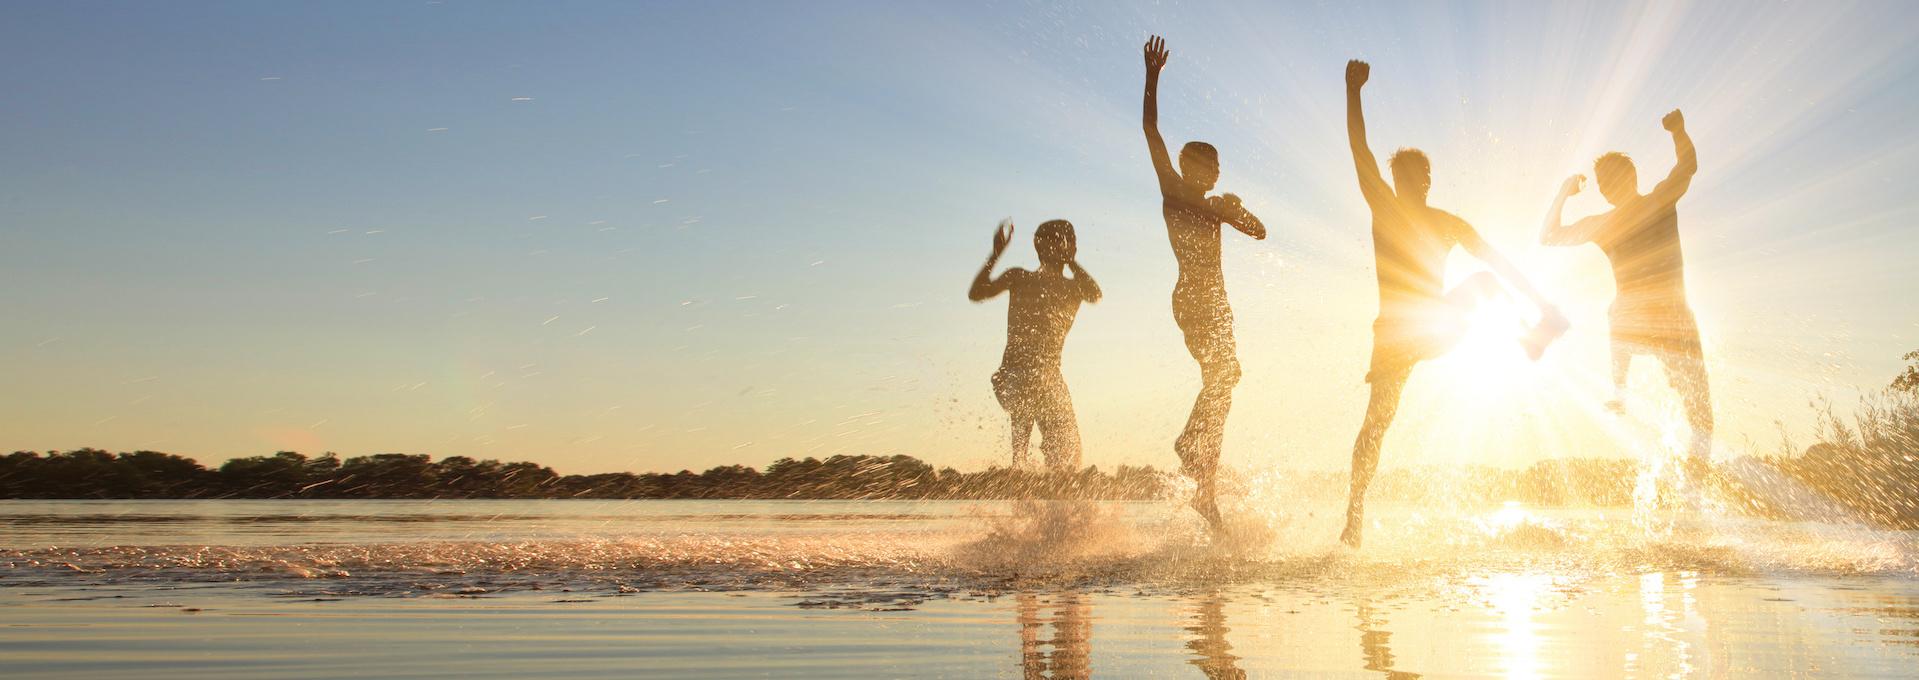 Glückliche junge Menschen laufen und springen am See beim Sonnenuntergang